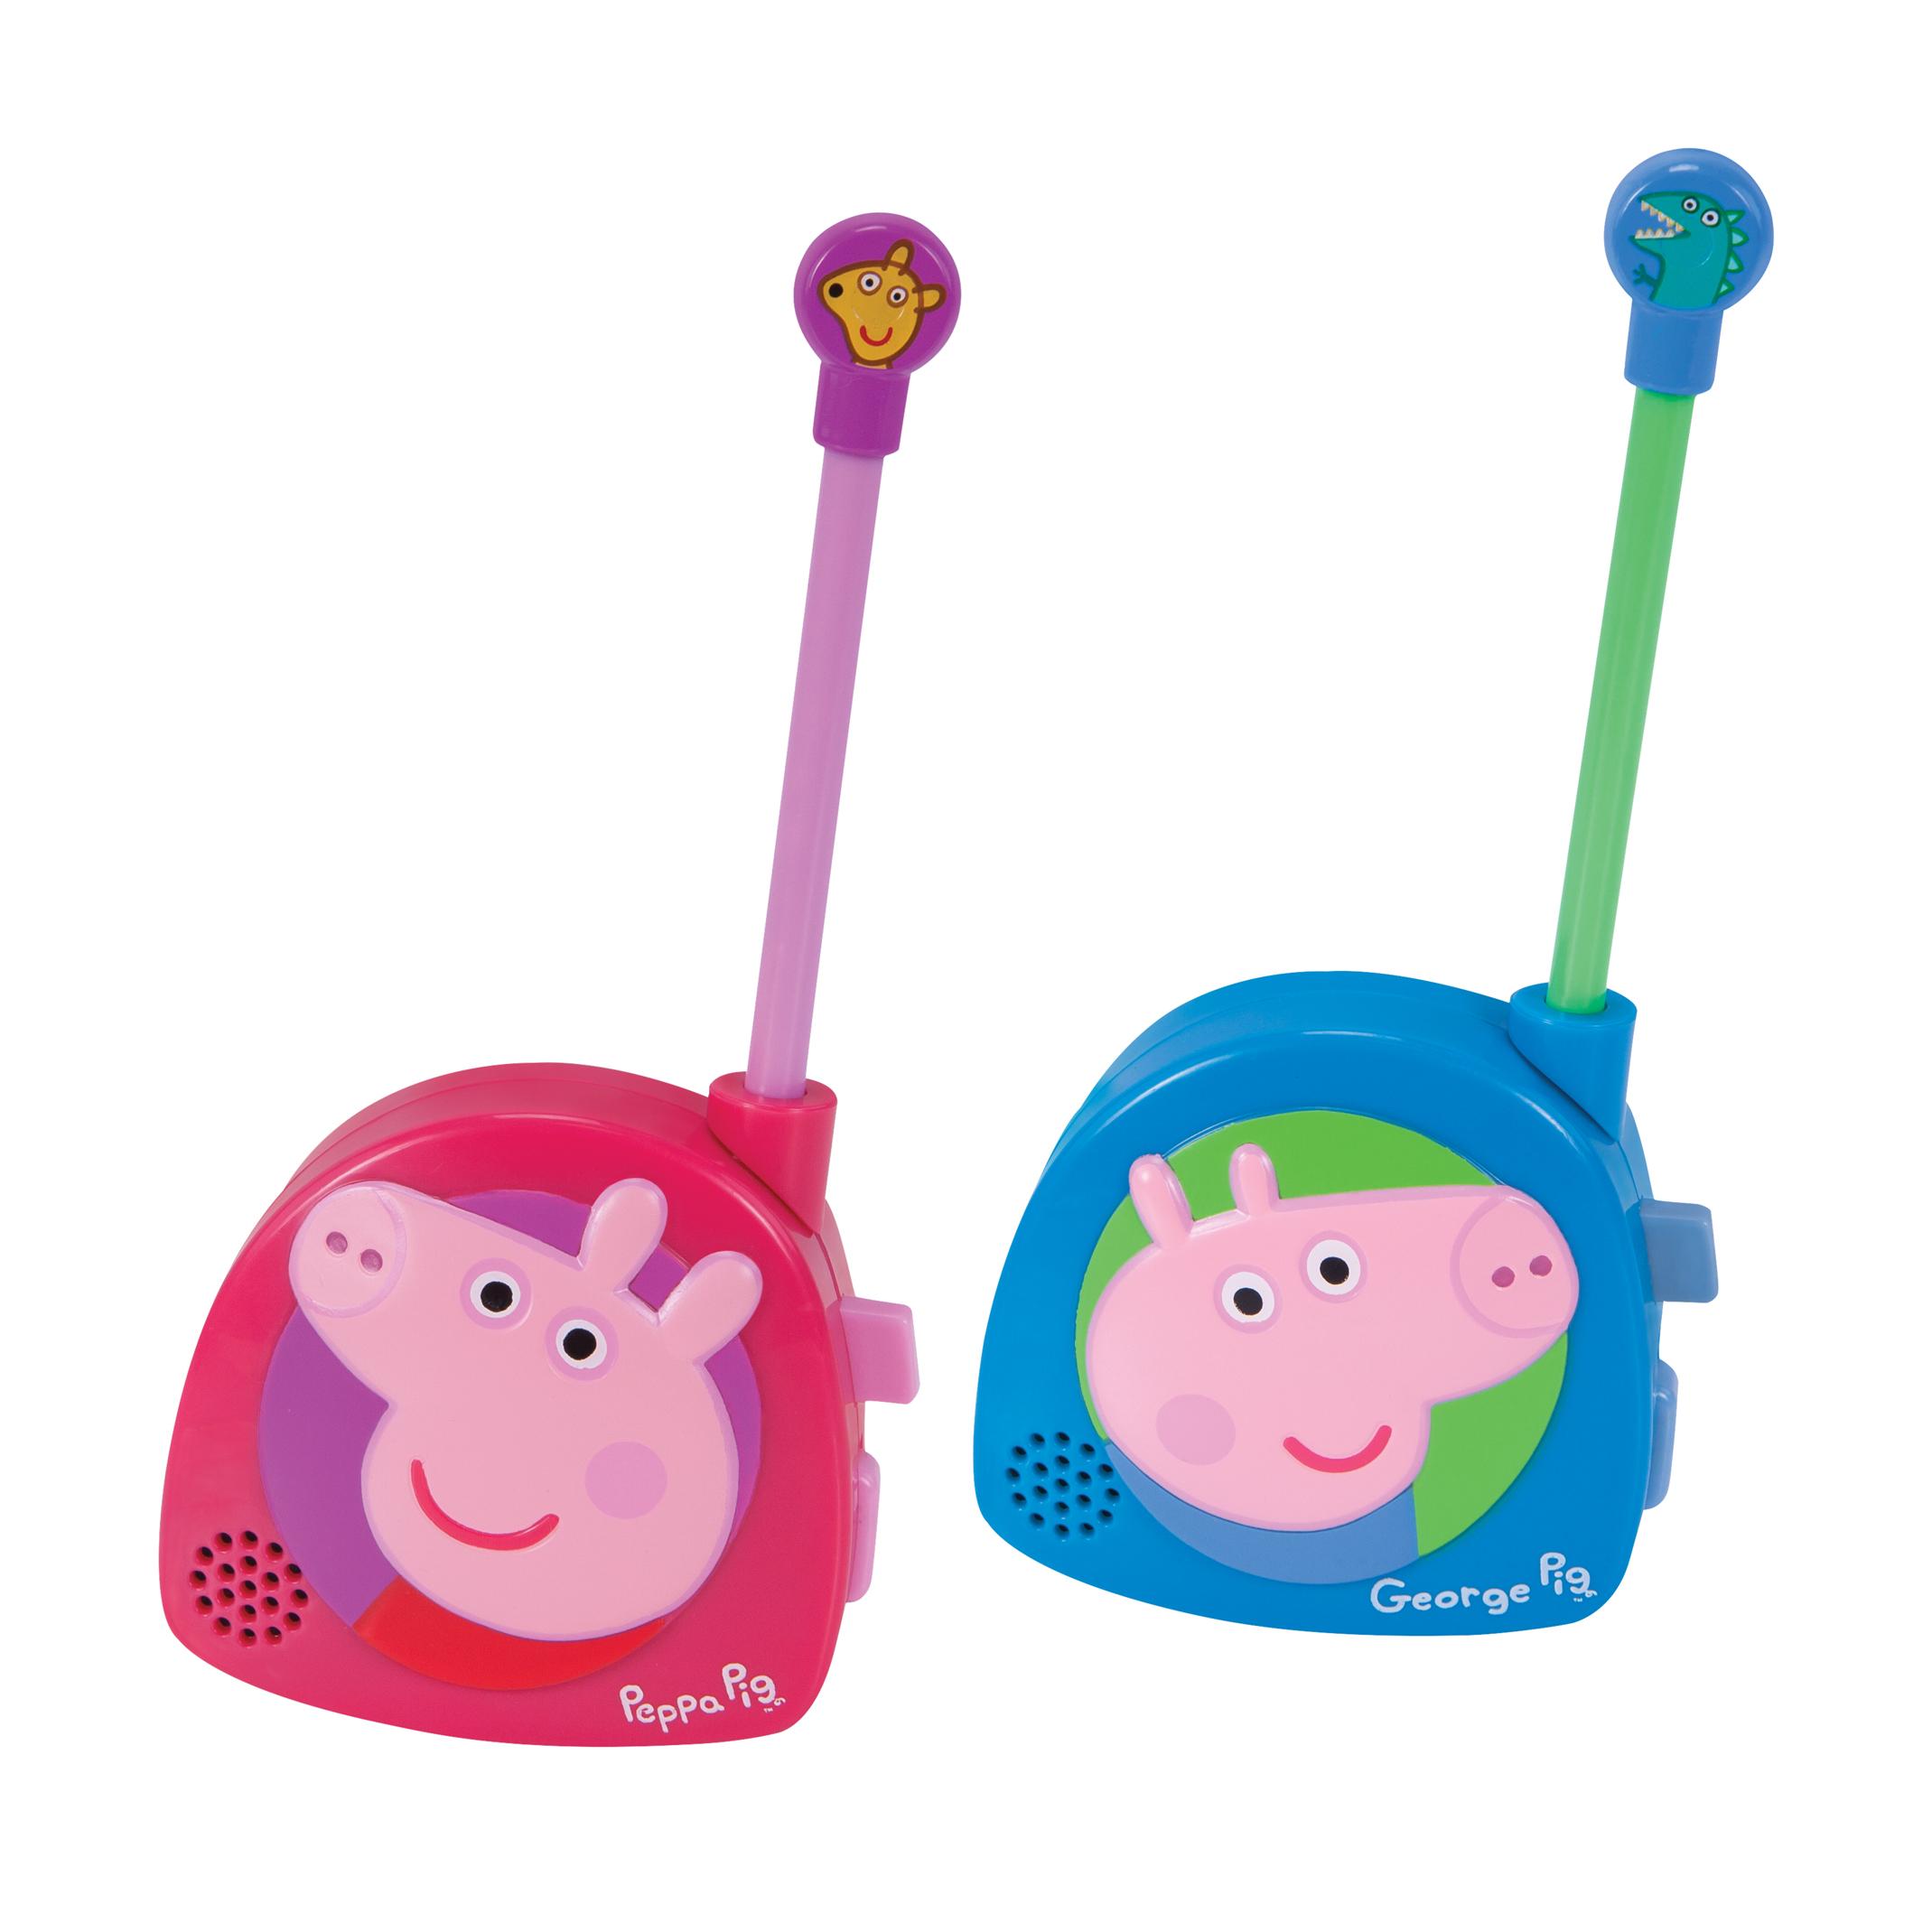 Peppa Pig & George Walkie Talkies